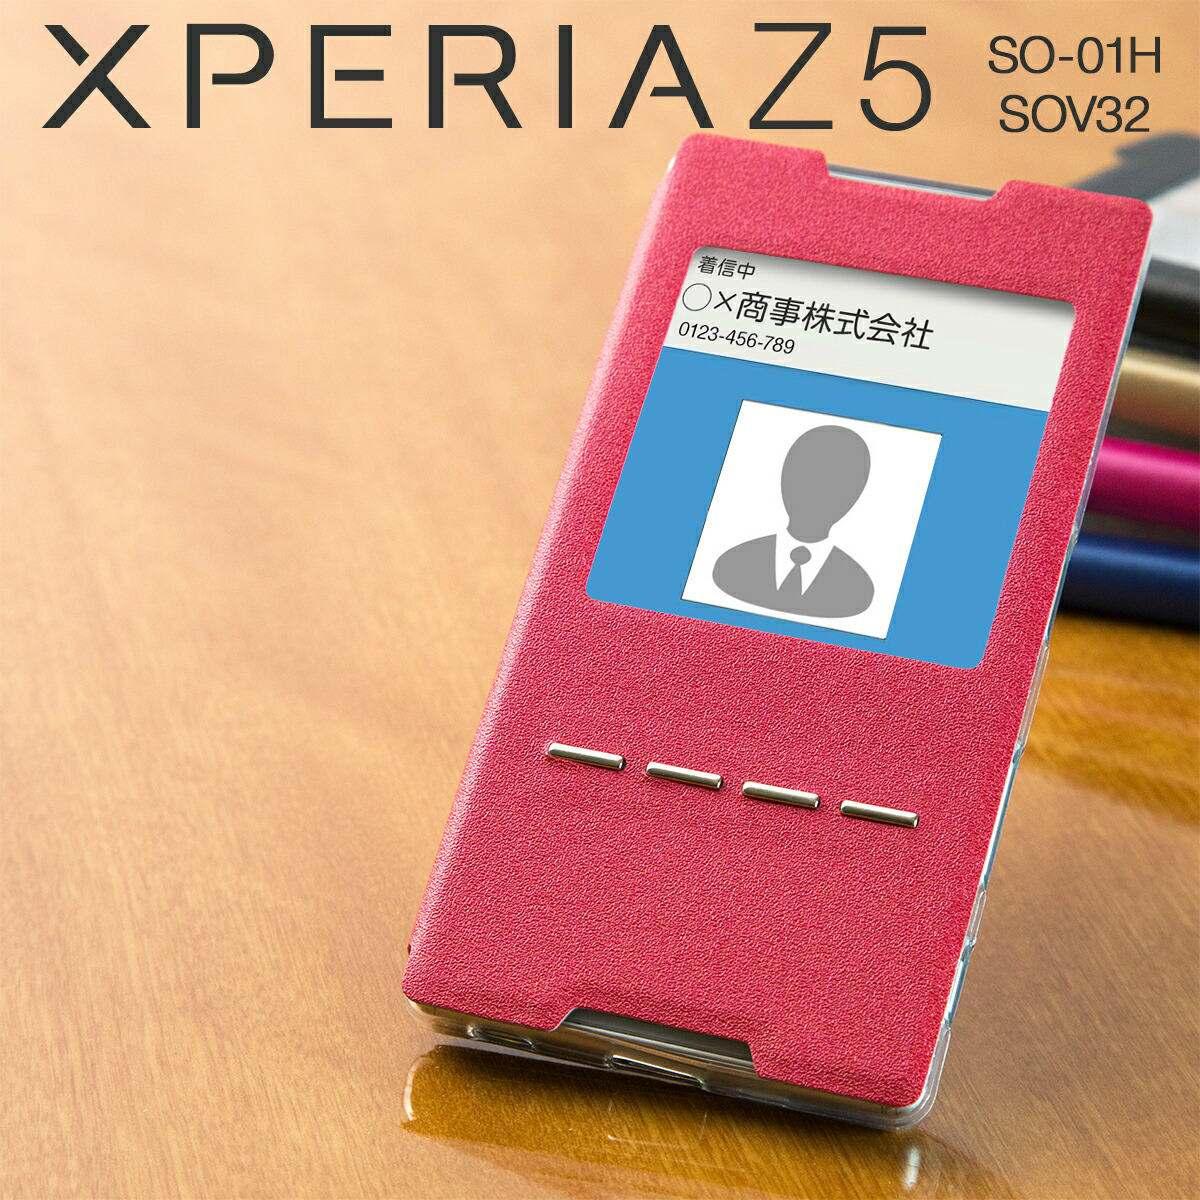 送料無料 Xperia Z5 SO-01H/SOV32 窓付き手帳型ケース 手帳型手帳 手帳ケース 手帳型カバー 手帳型スマホケース スマート スタンド スマホケース スマホ ケース スマートフォン Android アンドロイド エクスペリア xperia Z5